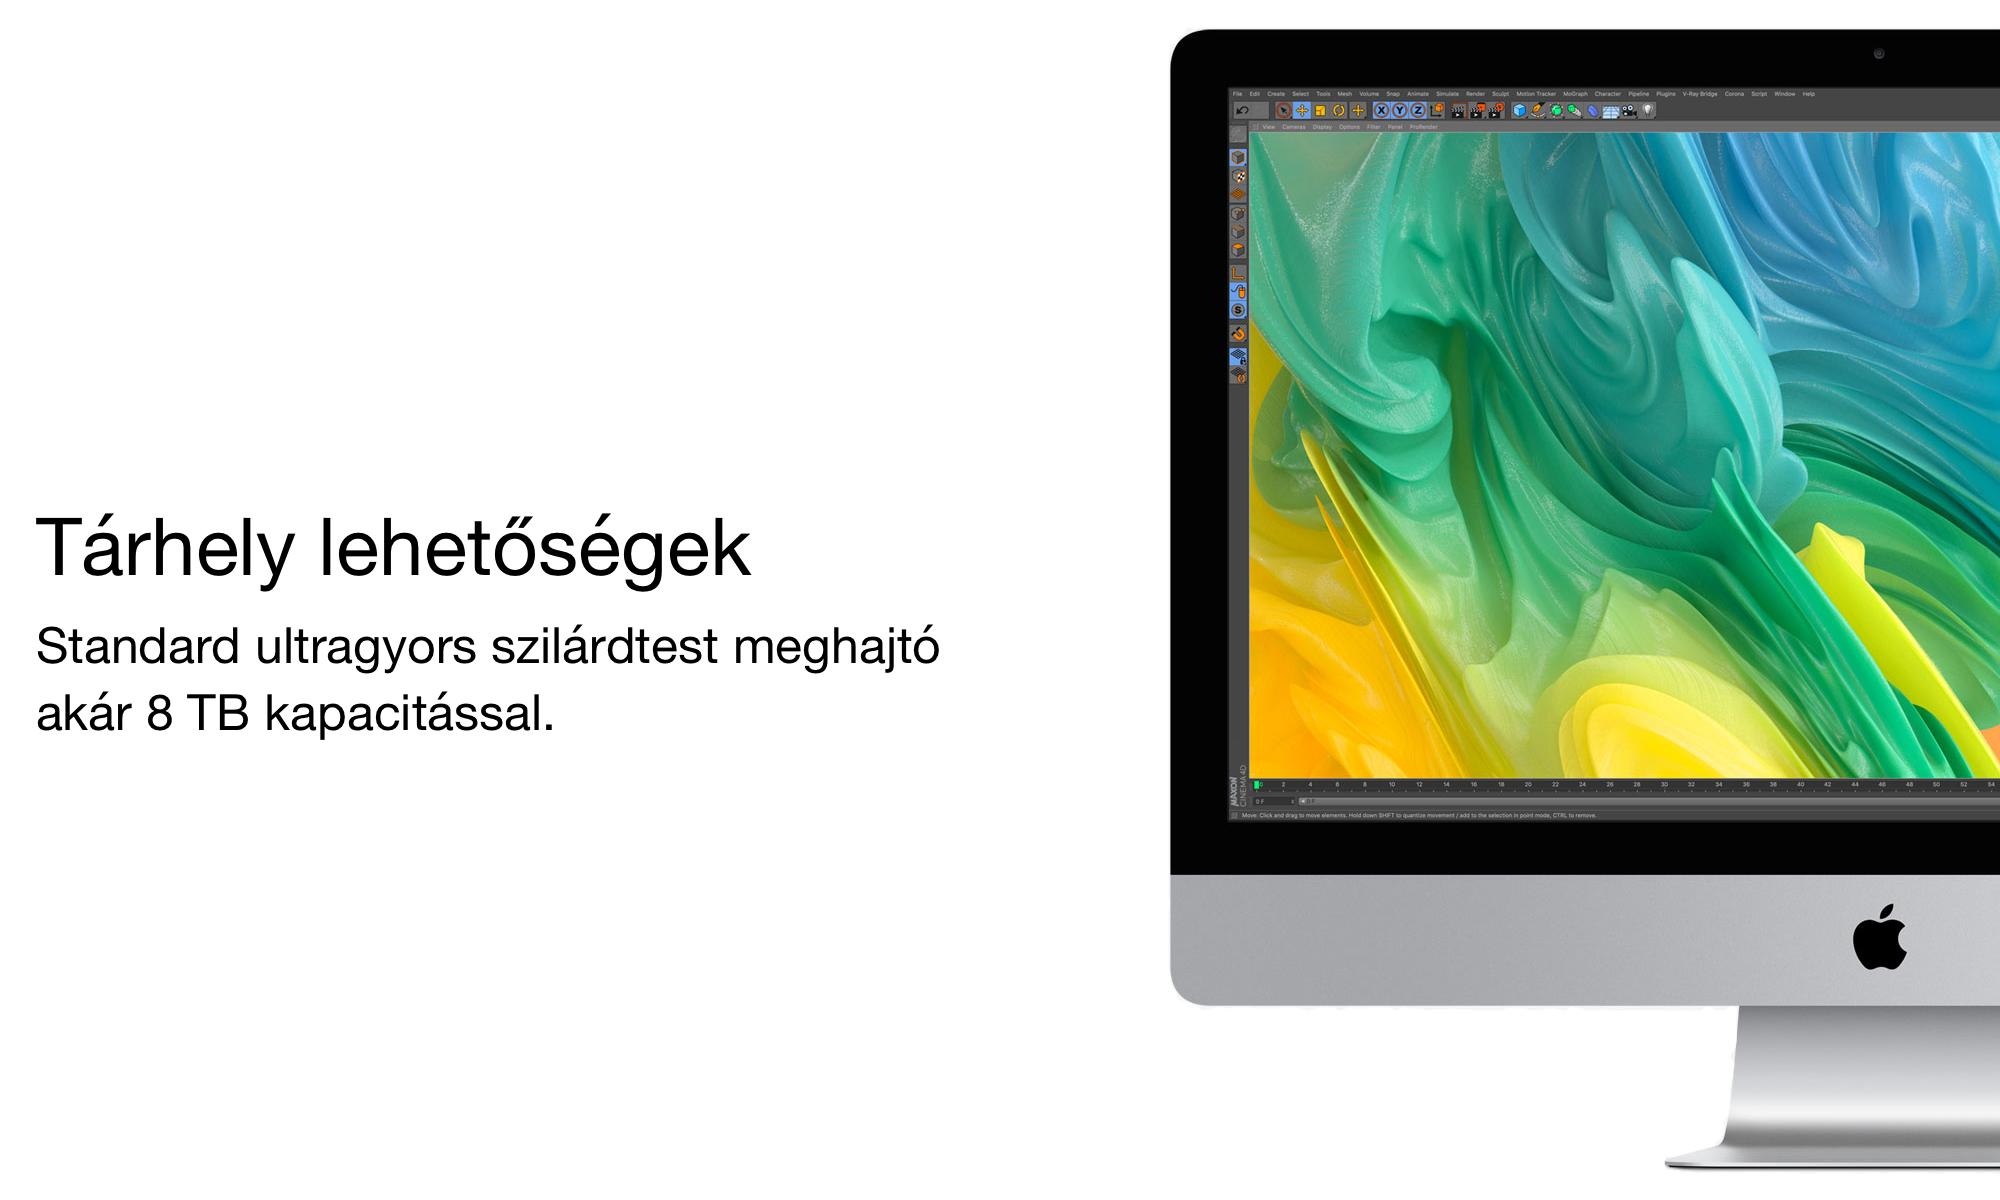 iMac tárhely lehetőségek